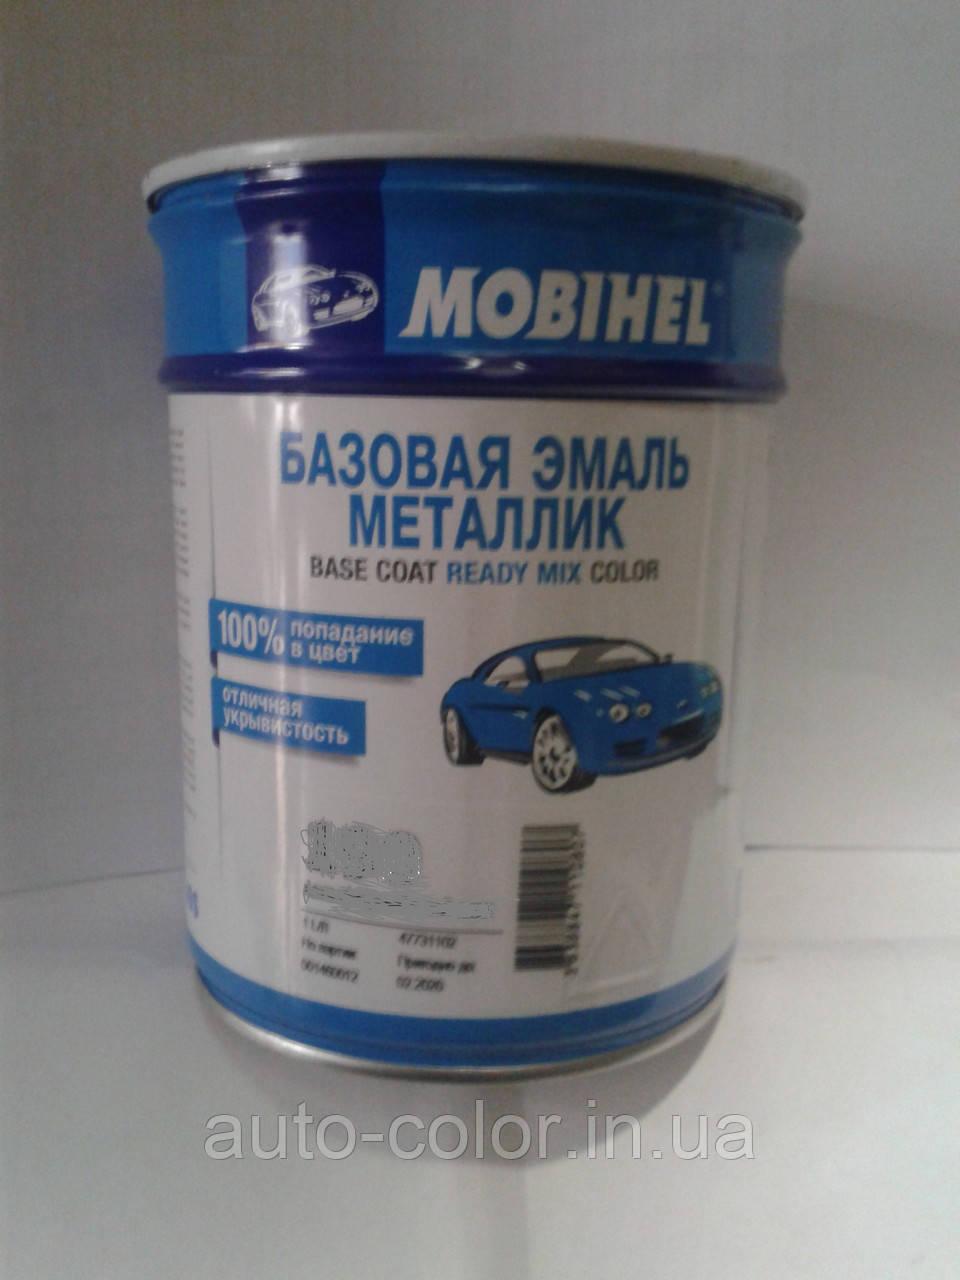 Автоемаль базова металік Mobihel Скат 1л